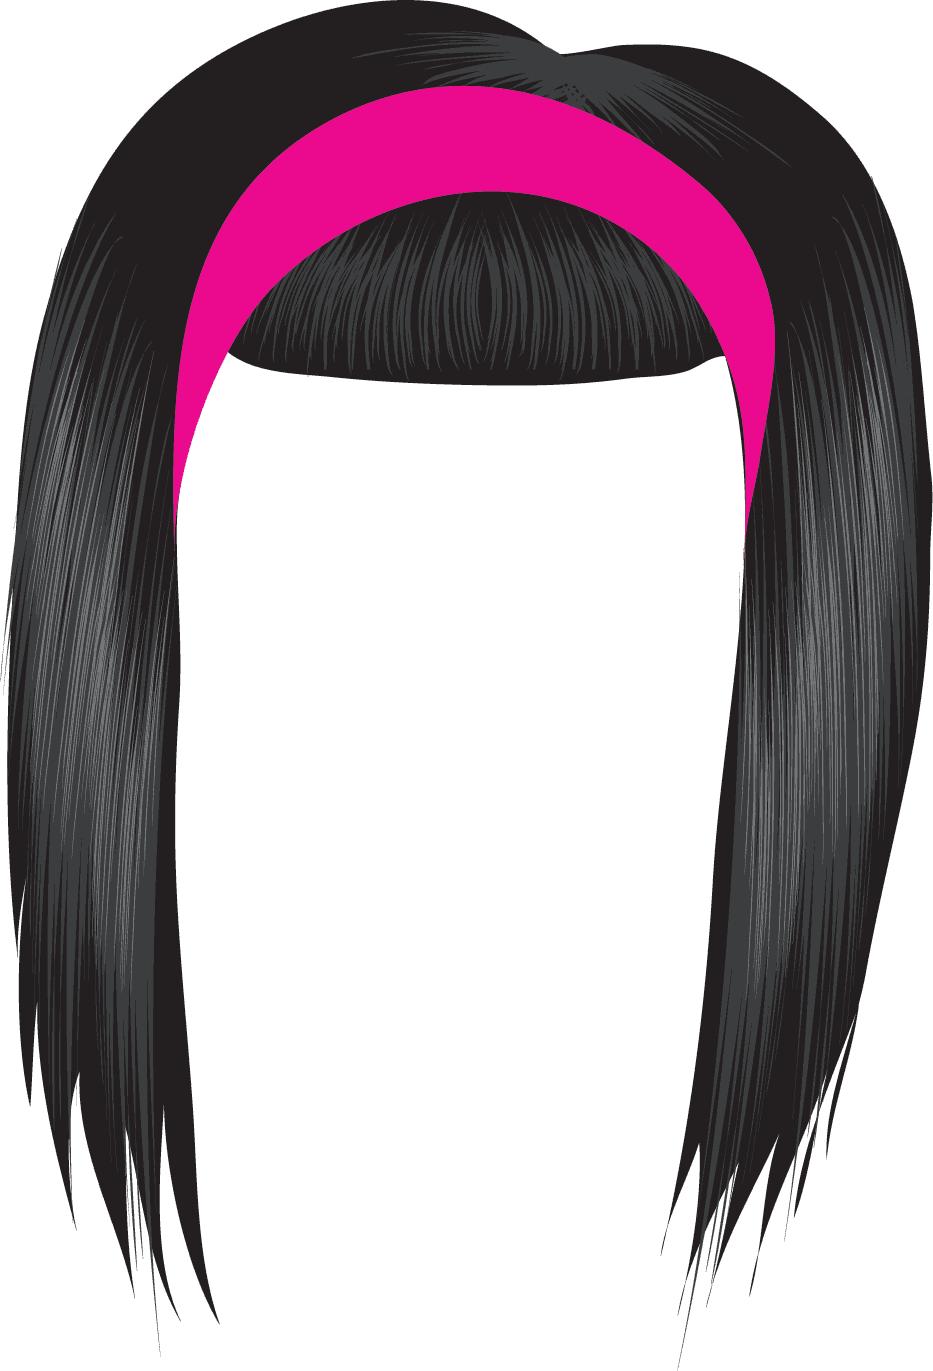 Hair clipart buncee Black%20hair%20clipart Hair Panda Clipart Black